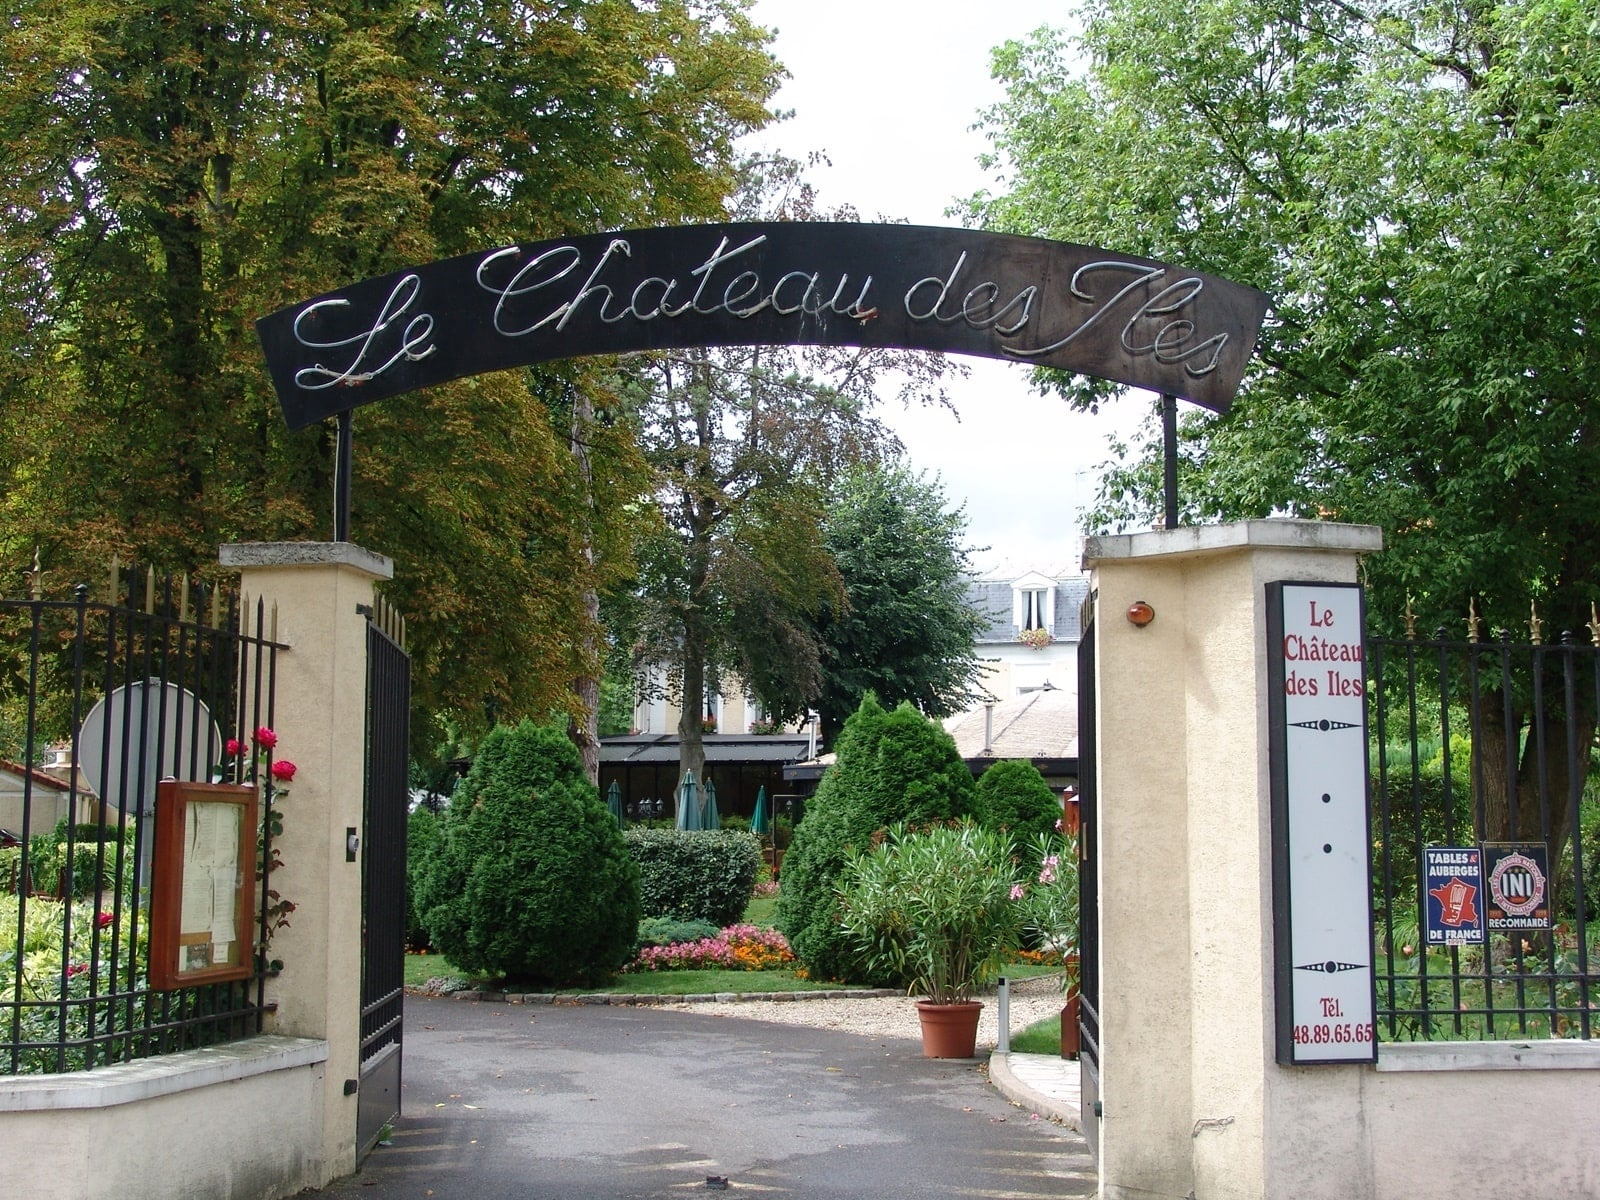 Chateau-des-iles-5